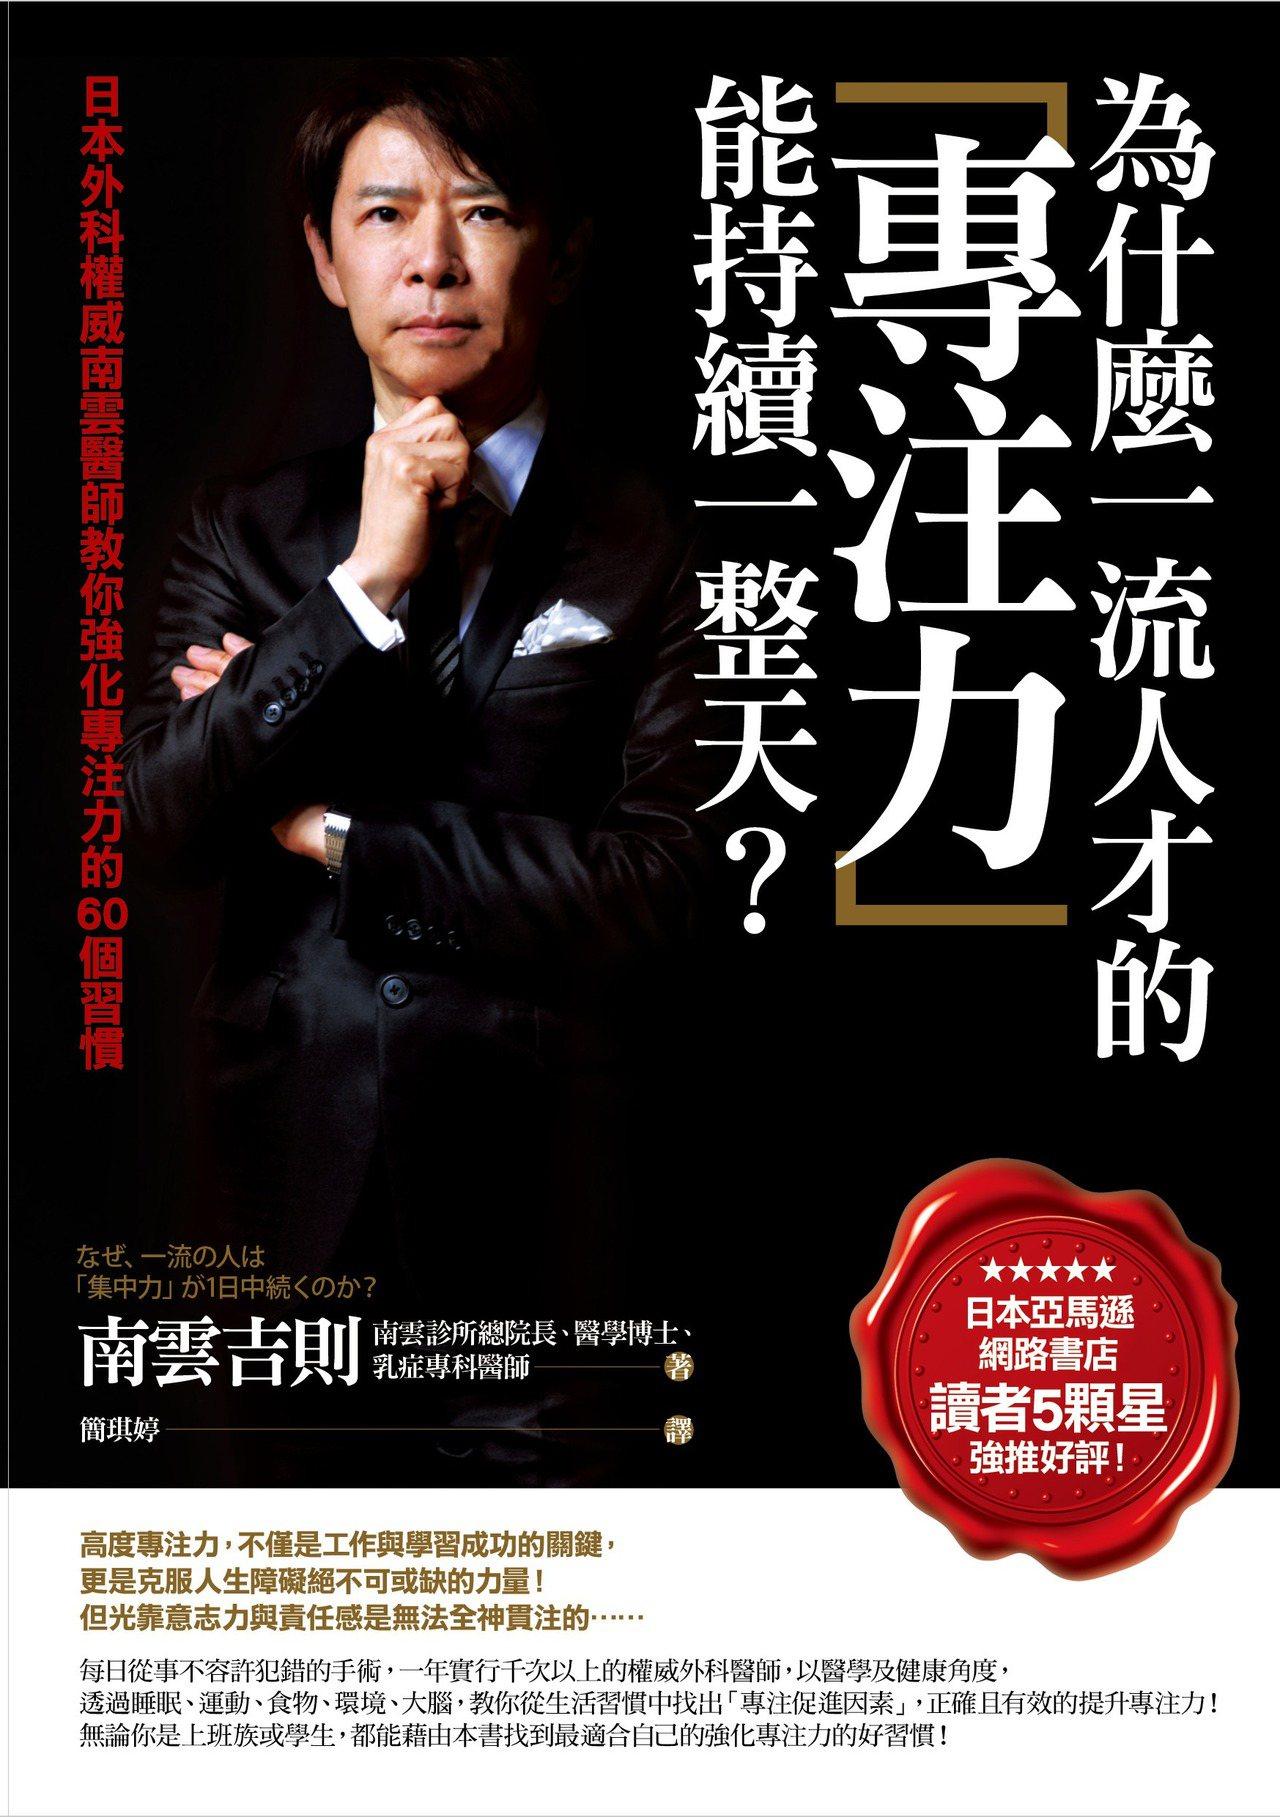 有「不老名醫」之稱的日本醫師南雲吉則,在新書「為什麼一流人才的專注力能持續一整天...